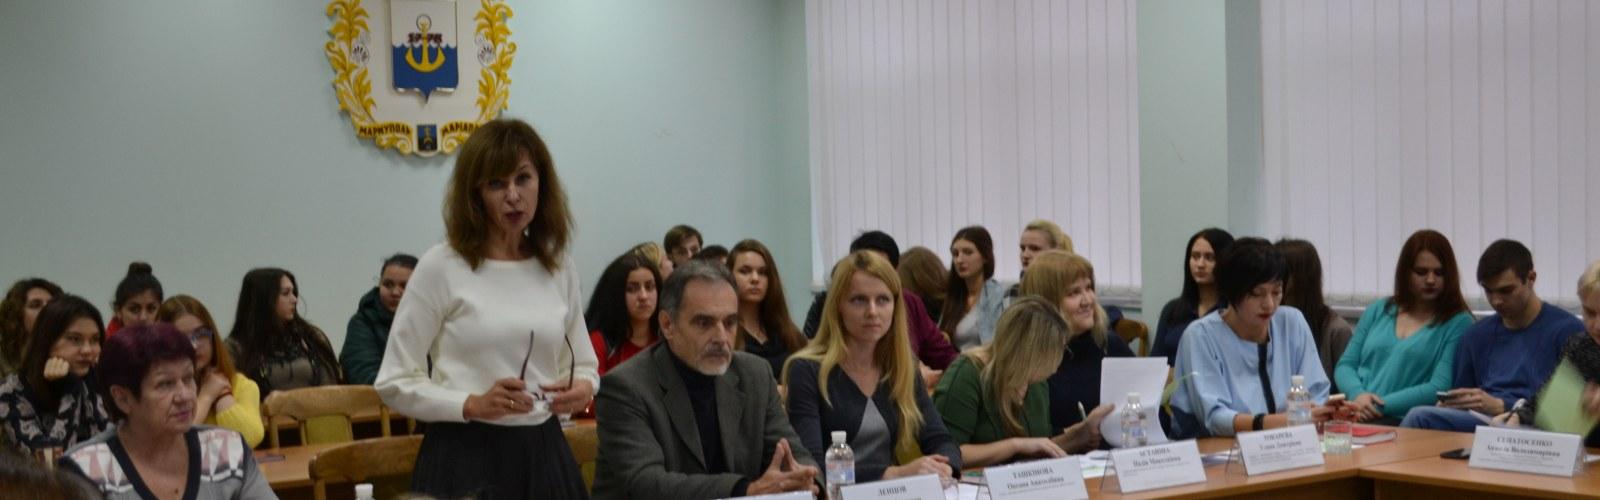 Круглий стіл  на тему «Актуальні проблеми професійної підготовки фахівців із соціальної роботи в умовах сучасності»